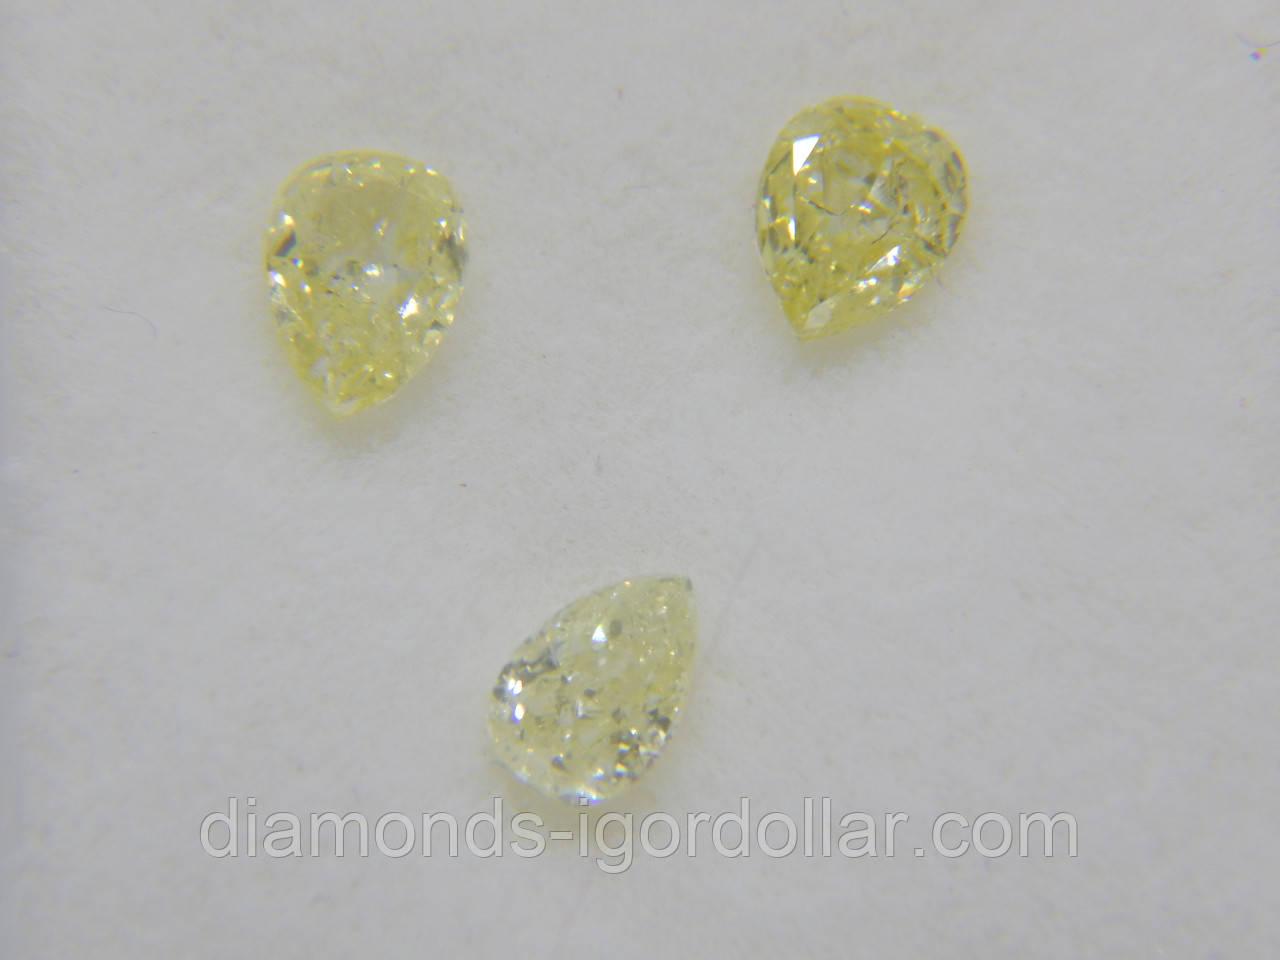 Бриллиант натуральный природный в Украине  0.23 карат Груша/Капля VS/лимонный ВИДЕО